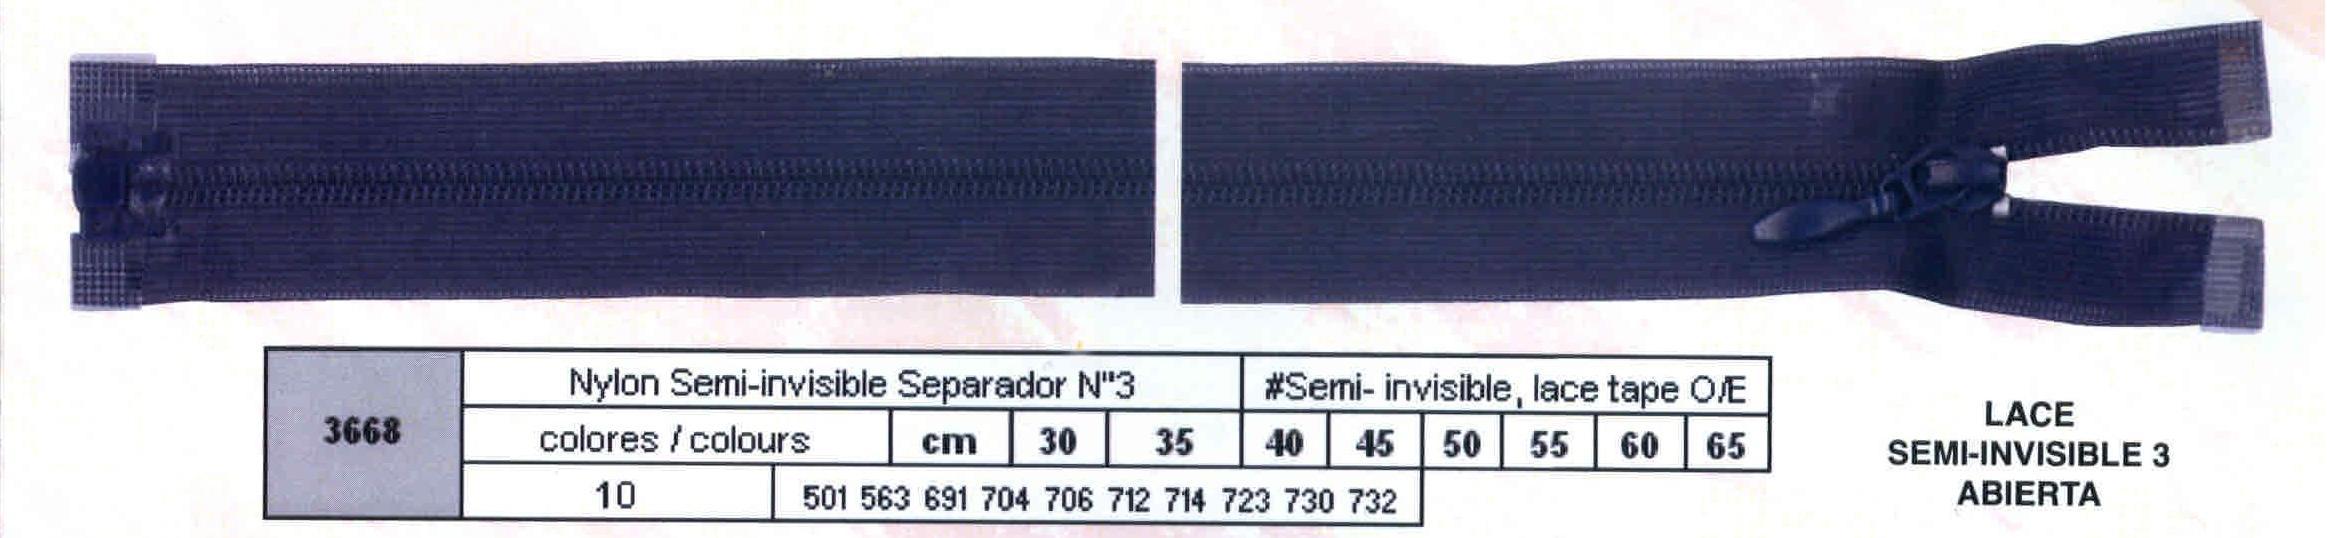 Cremallera SNS Semi-invisible Separador num.3 Ref. 003668